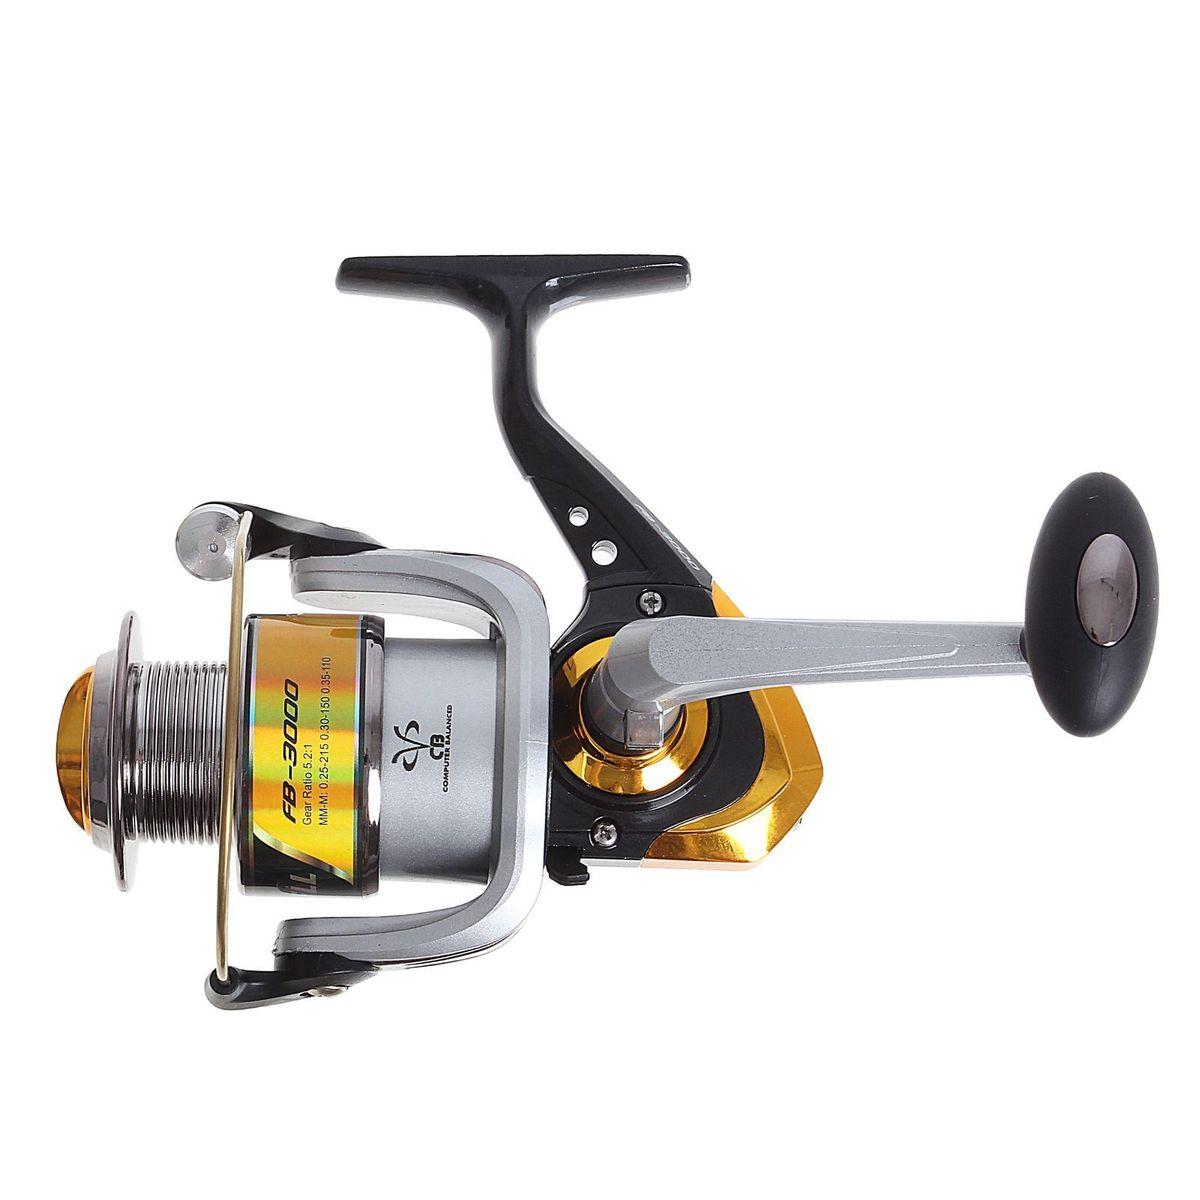 Катушка безынерционная Onlitop 1BB FB 3000, цвет: желтый, 1 подшипникFABLSEH10002Катушка 1BB FB 3000 это универсальная модель «эконом»-класса для разных условий рыбалки, отличный выбор для начинающих рыболовов.